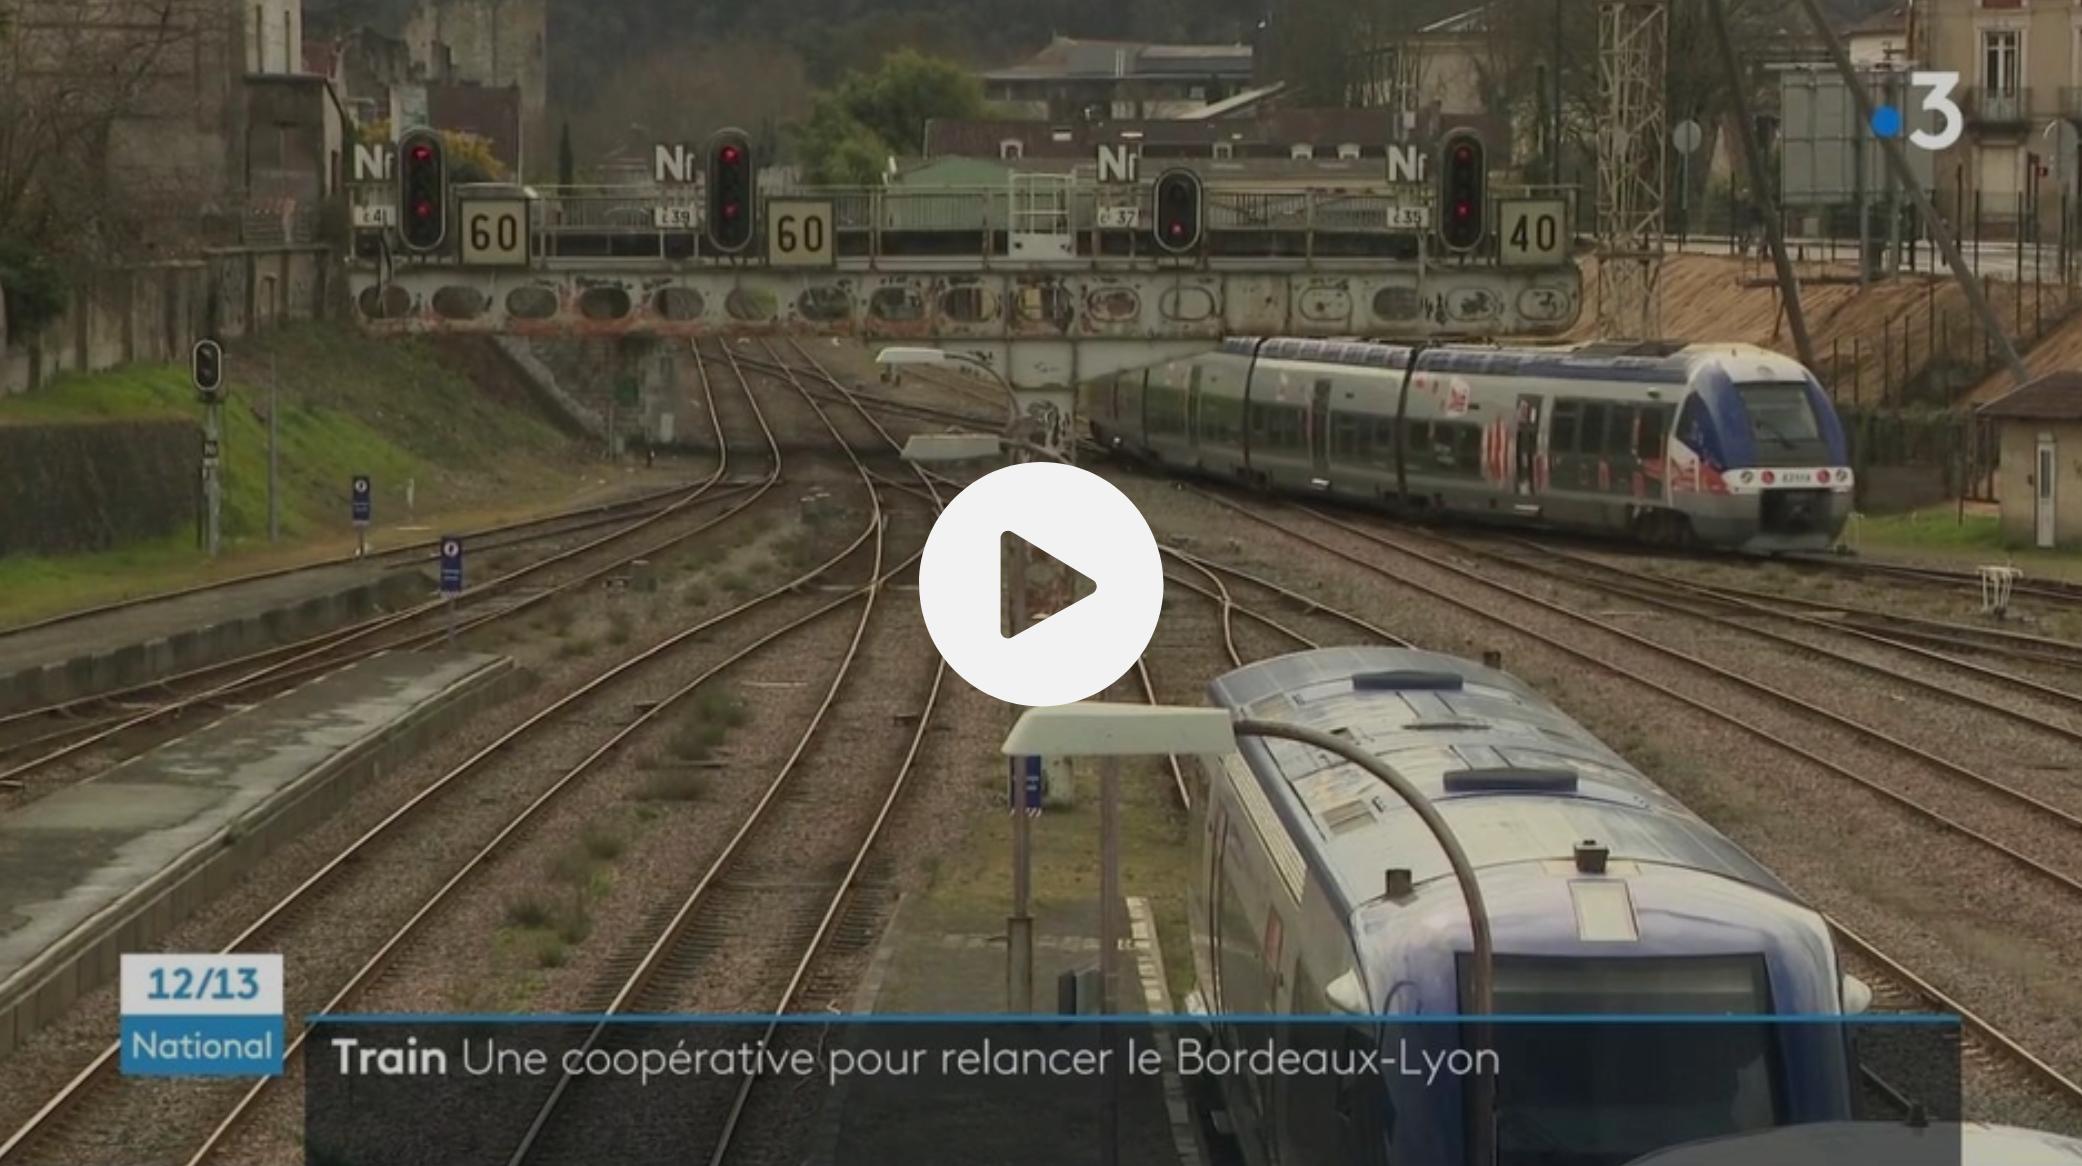 Transports : la ligne ferroviaire Lyon-Bordeaux sur le point de renaître grâce au privé, la CGT furieuse (VIDÉO)